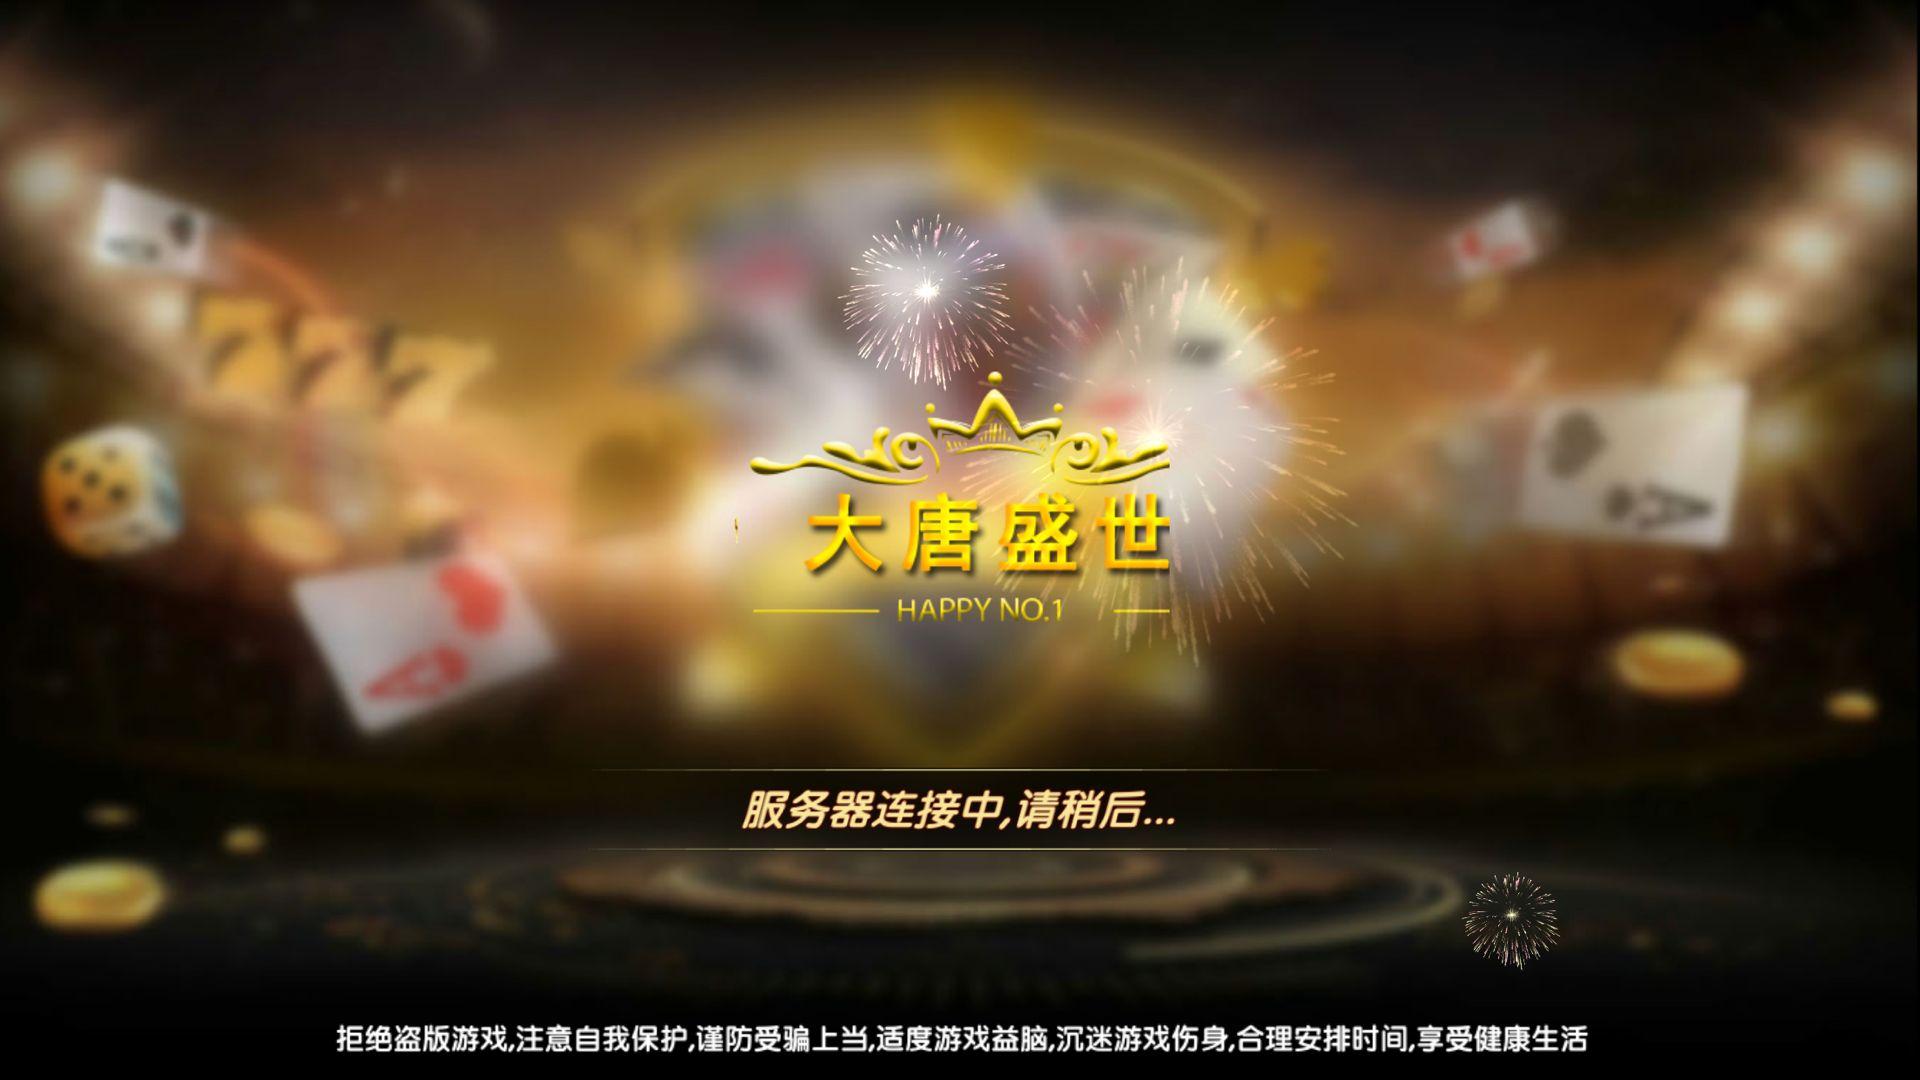 深圳市思途网络科技有限公司